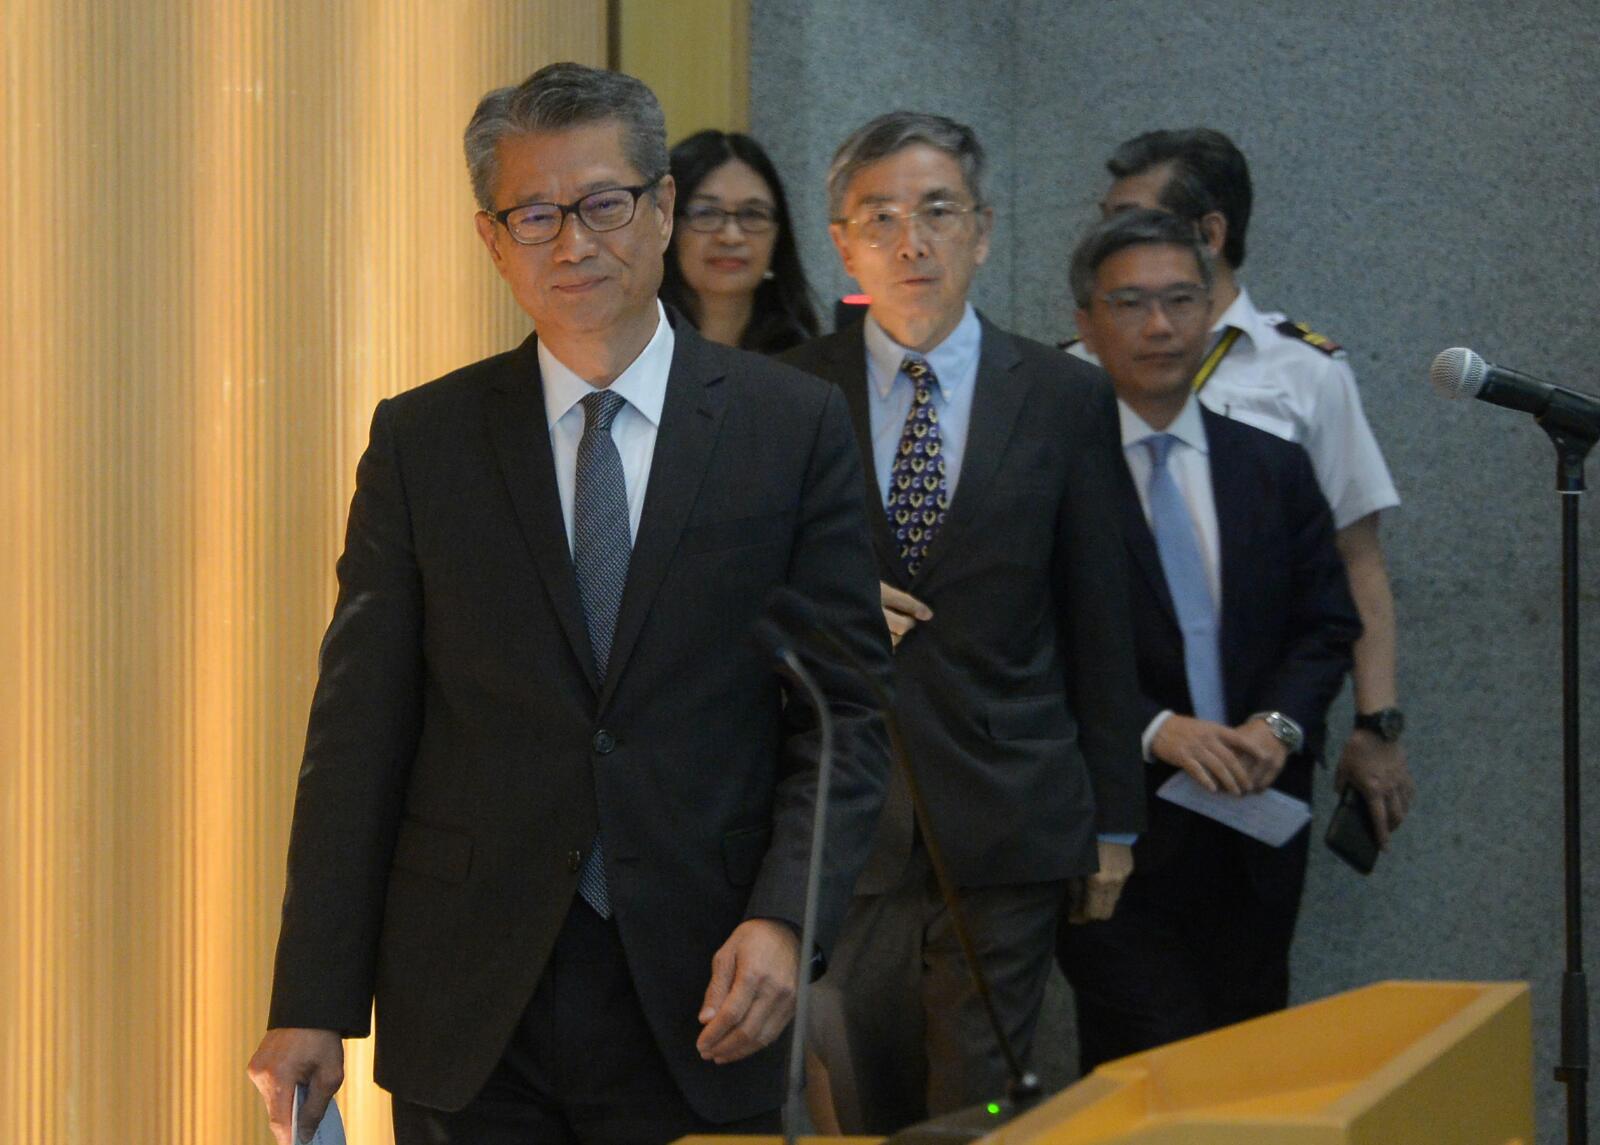 陳茂波下午召開「金融領導委員會」會議